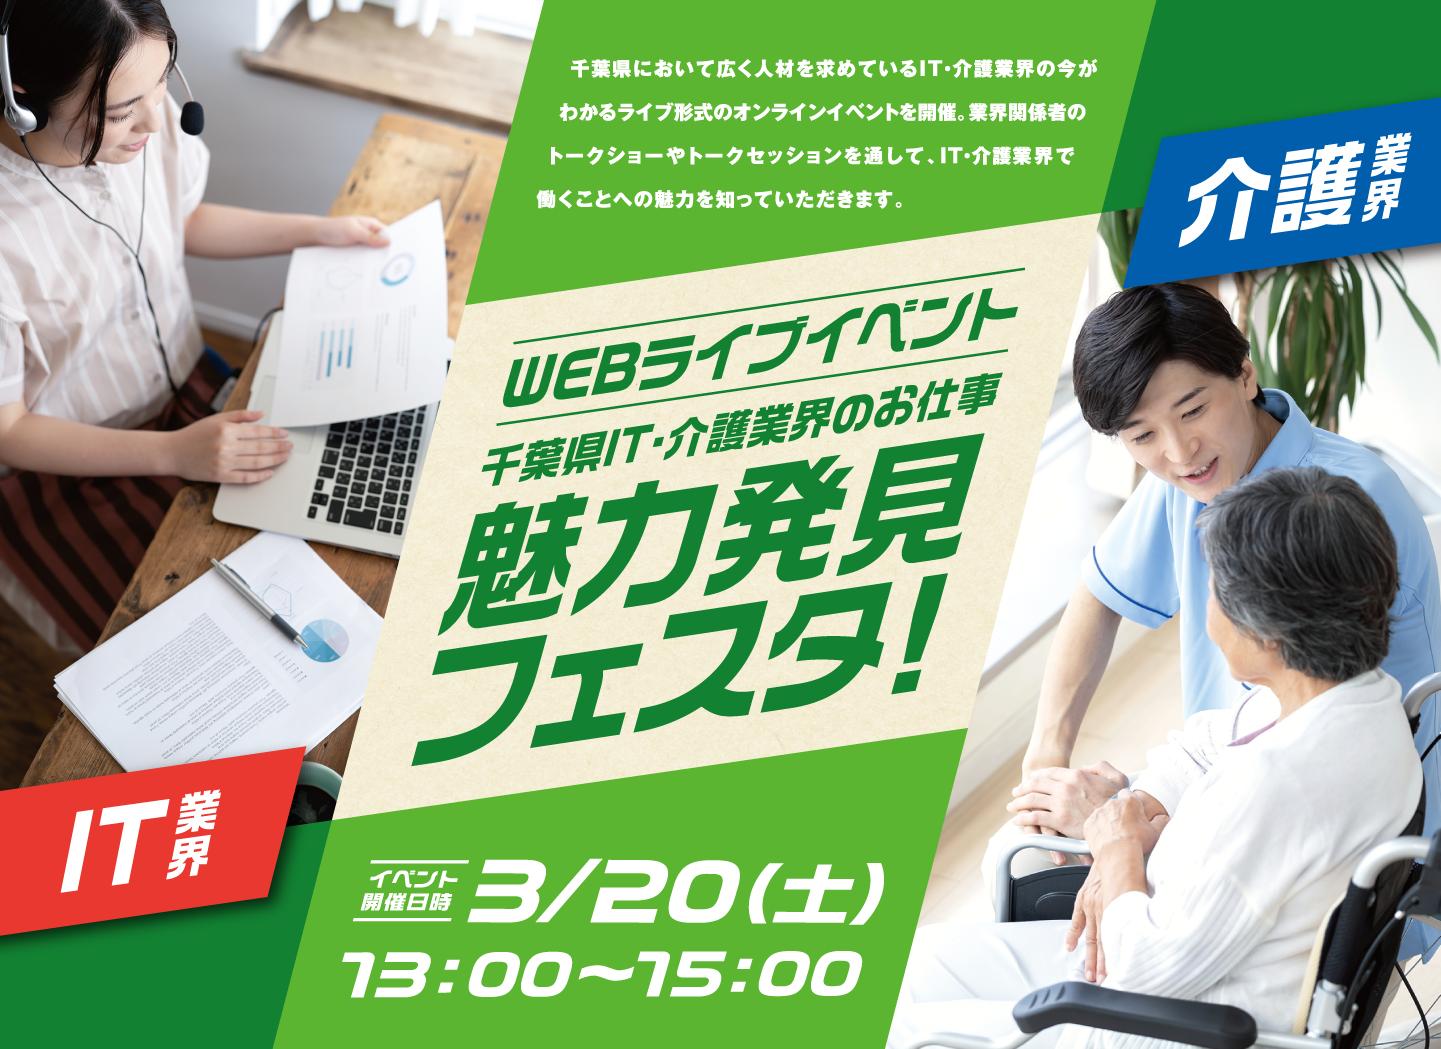 千葉県IT・介護業界のお仕事 魅力発見フェスタ